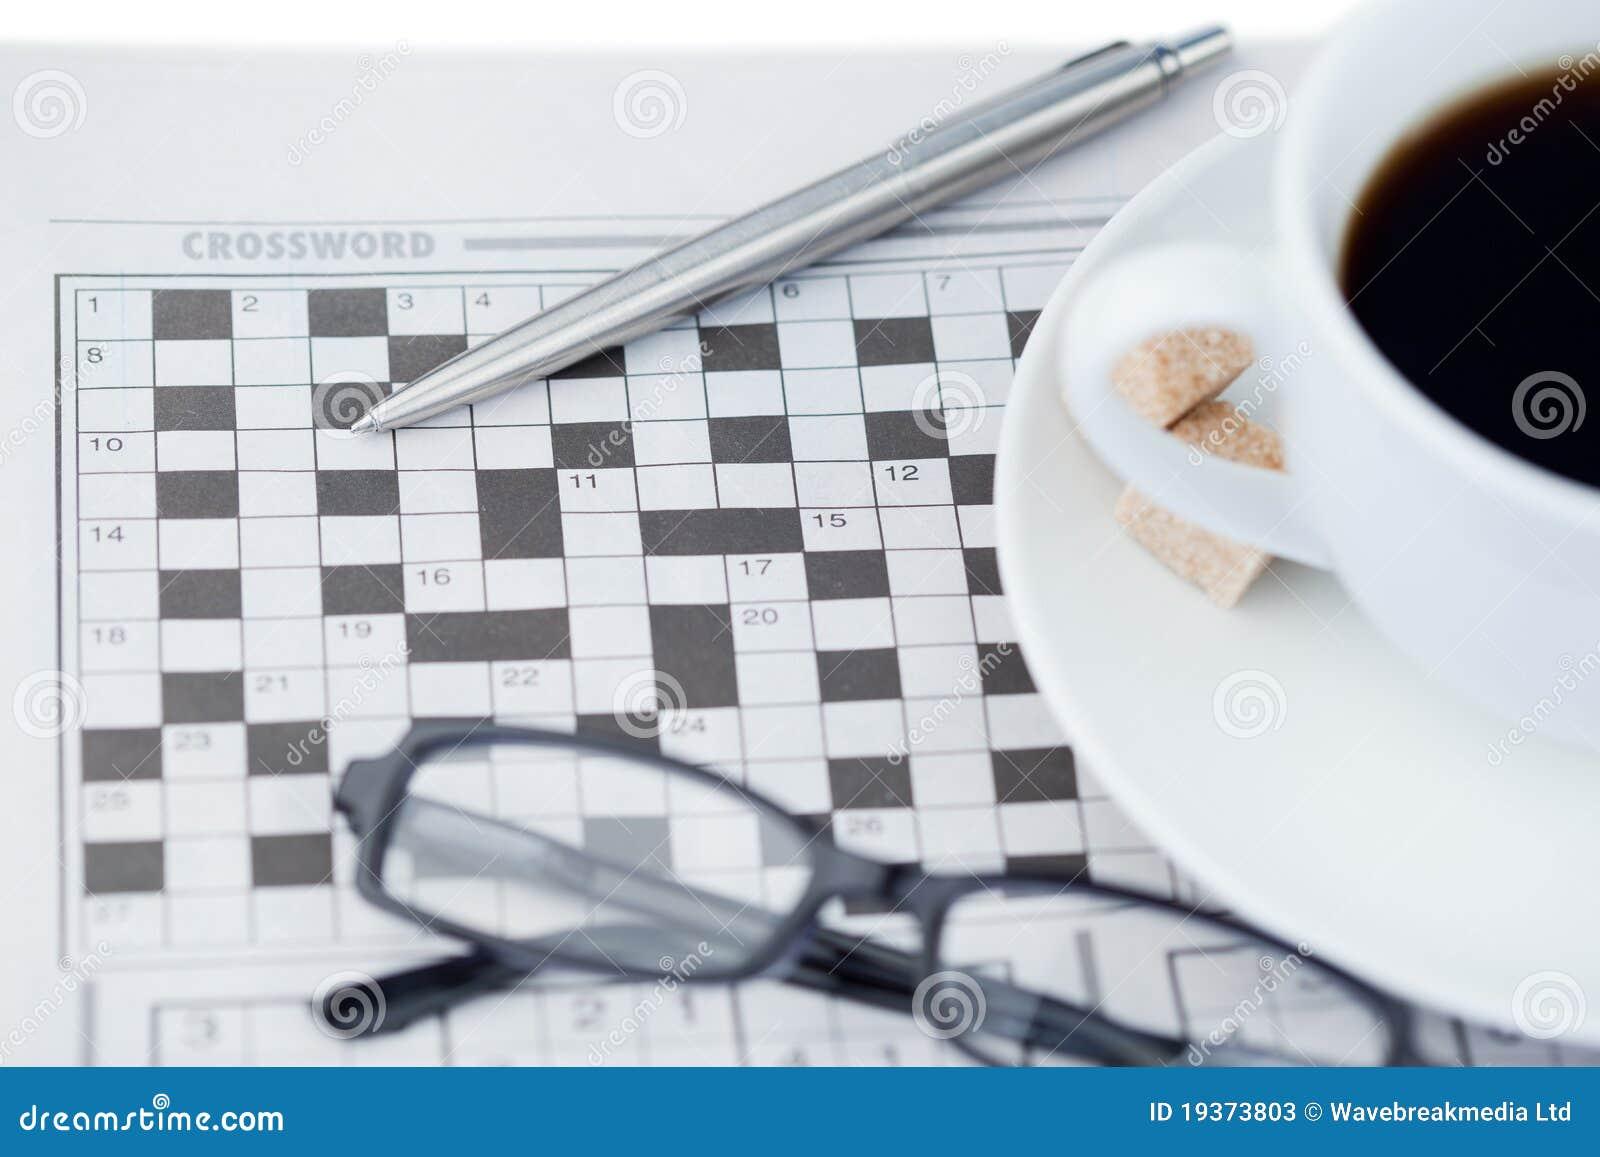 Jornais e enigma de palavras cruzadas